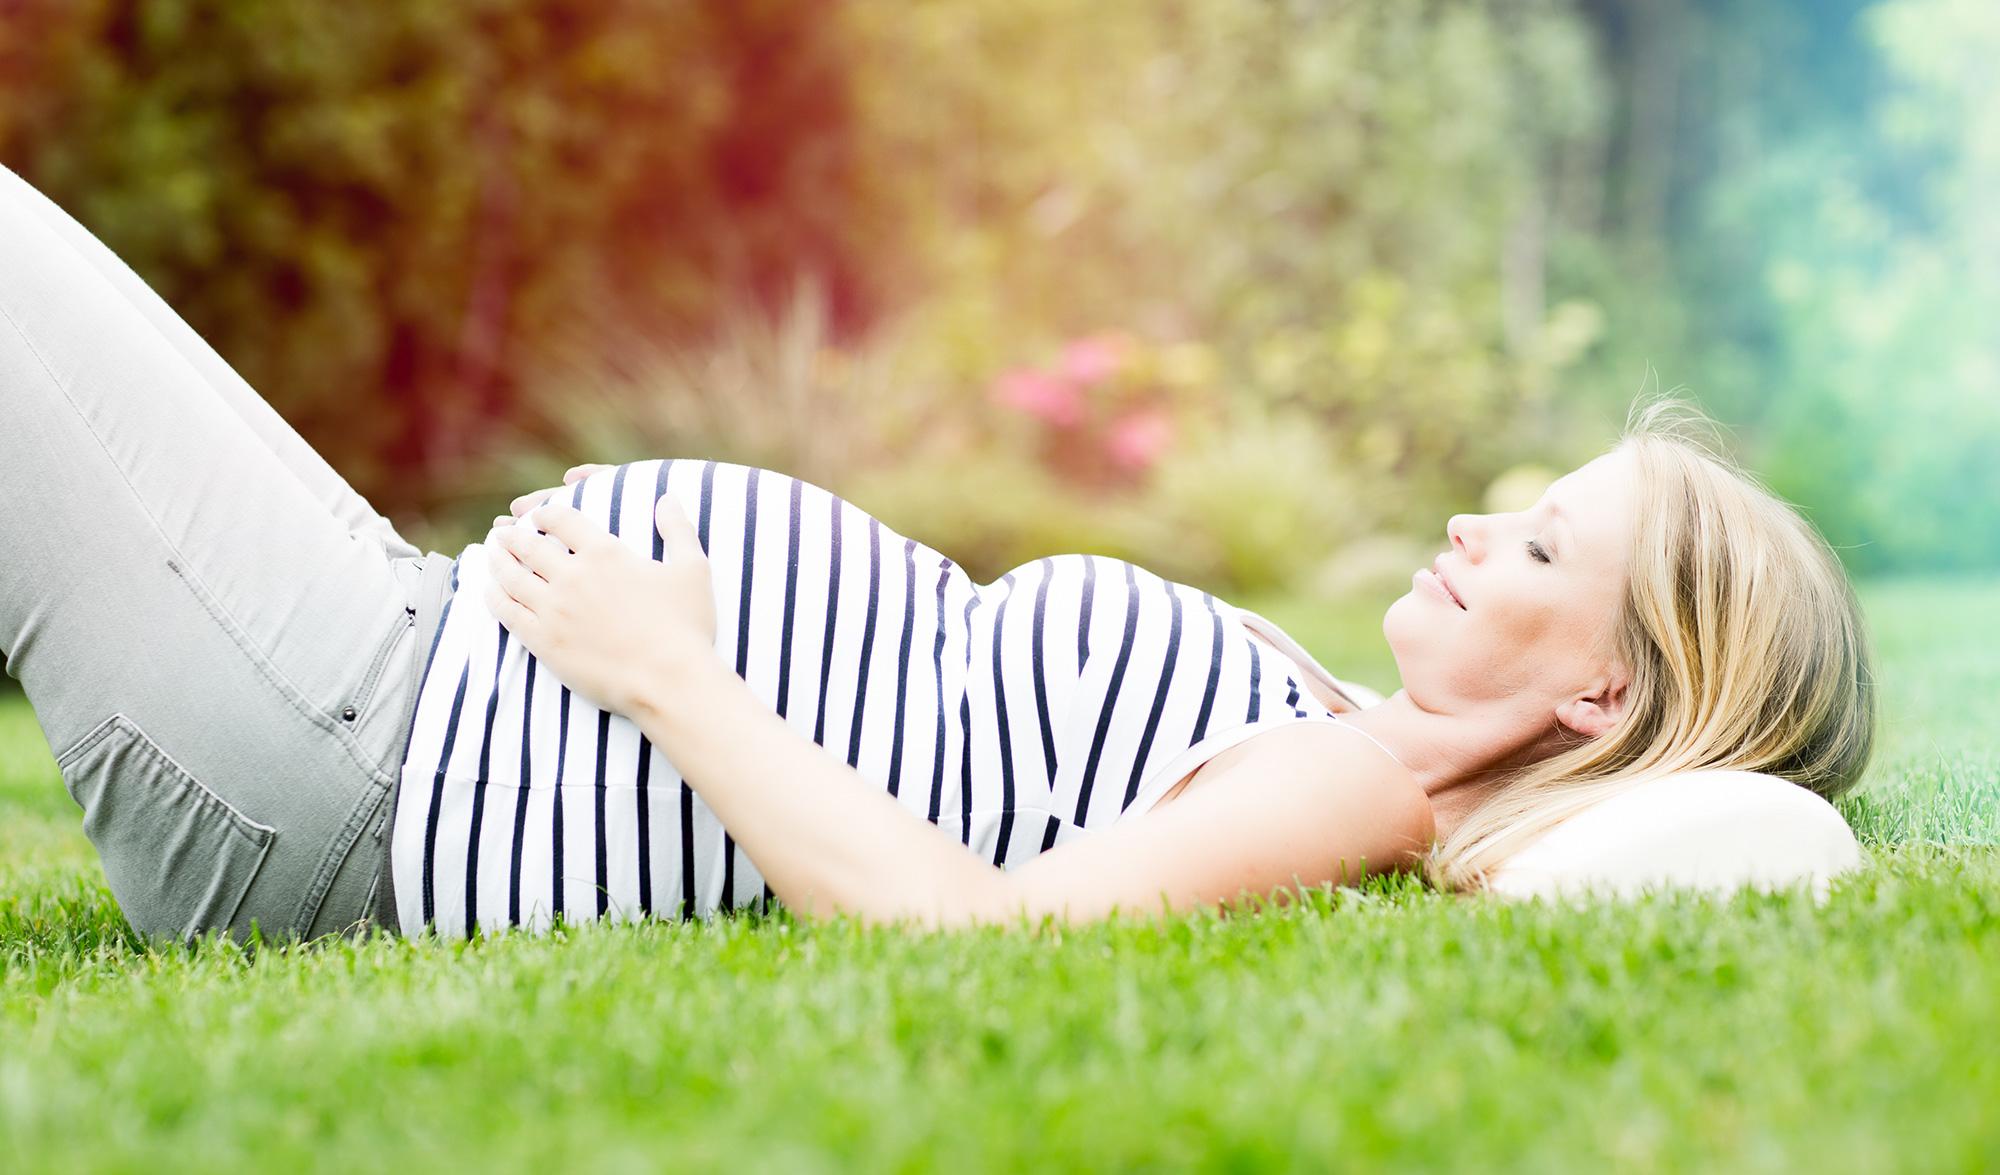 La Sophrologie est utilisée dans les situations de stress, anxiogènes liées à l'accouchement, et permet de mieux gérer son sommeil et d'accepter son nouveau corps. Durant la grossesse, sa pratique atténue également les nausées, les maux de tête, renforce le positif, permet d'être plus proche des sensations de son corps, de déceler le moindre mouvement de son enfant dans une totale harmonie et ainsi d'ouvrir le dialogue qui s'installe déjà avec son enfant.